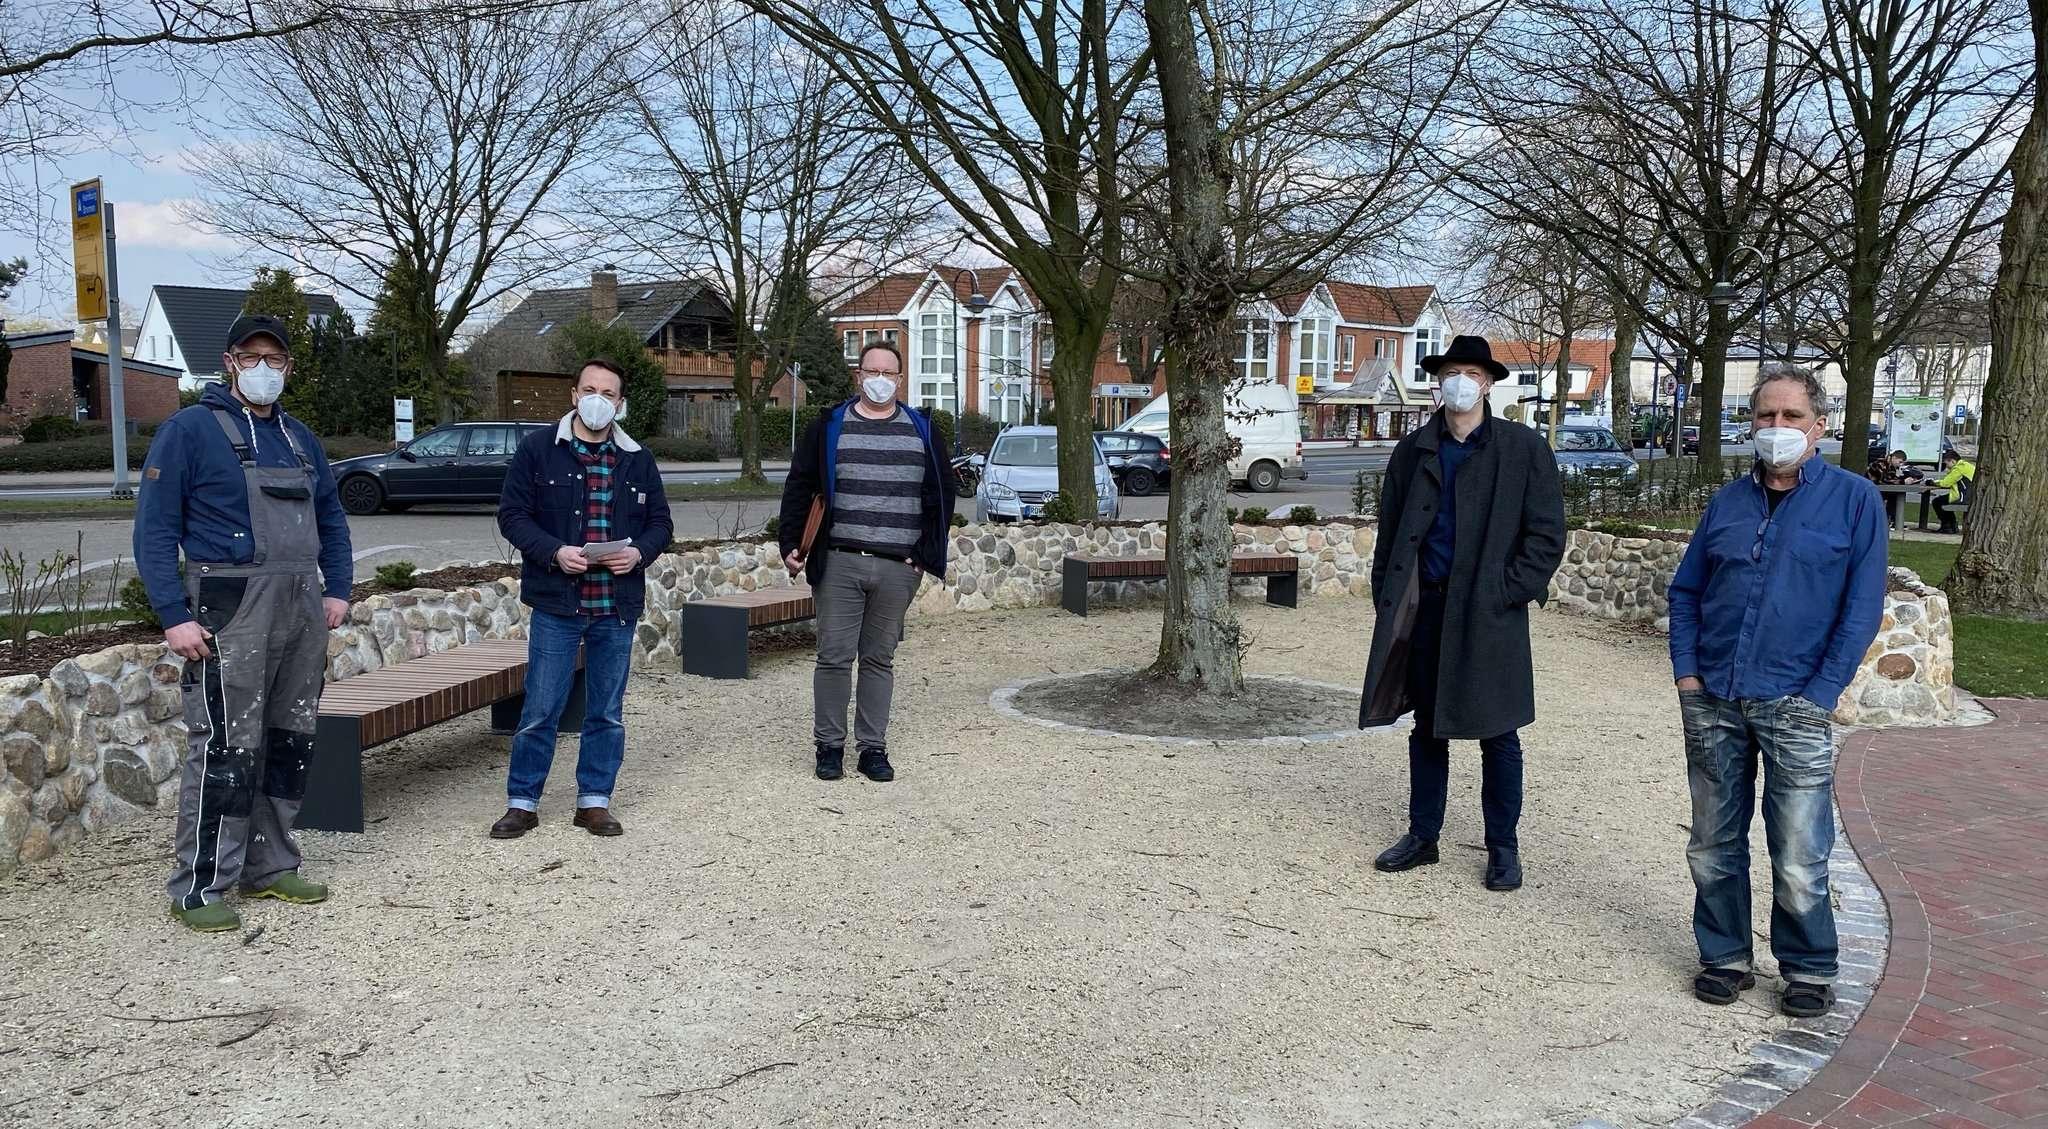 Wollen einen Wochenmarkt vor der Schule auf die Beine stellen: Stefan Steinbach (von links), Jesper Theis, Marco Lorenz, Tim Willy Weber und Christian Wiencke.